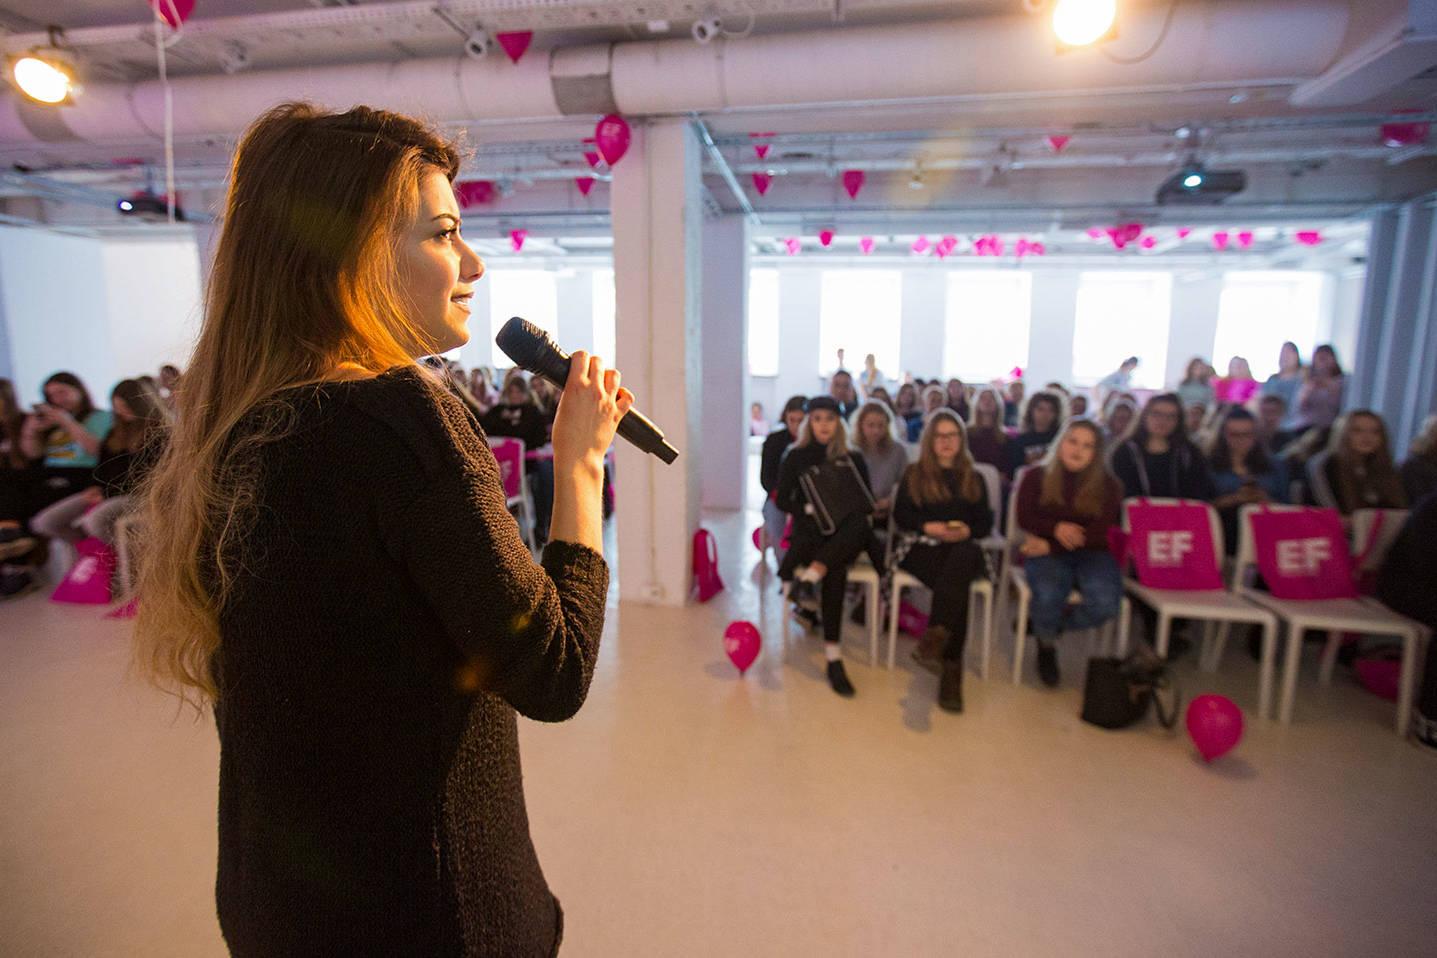 Przedstawicielka firmy przemawiająca podczas eventu wzmacniającego kreowanie wizerunku marki